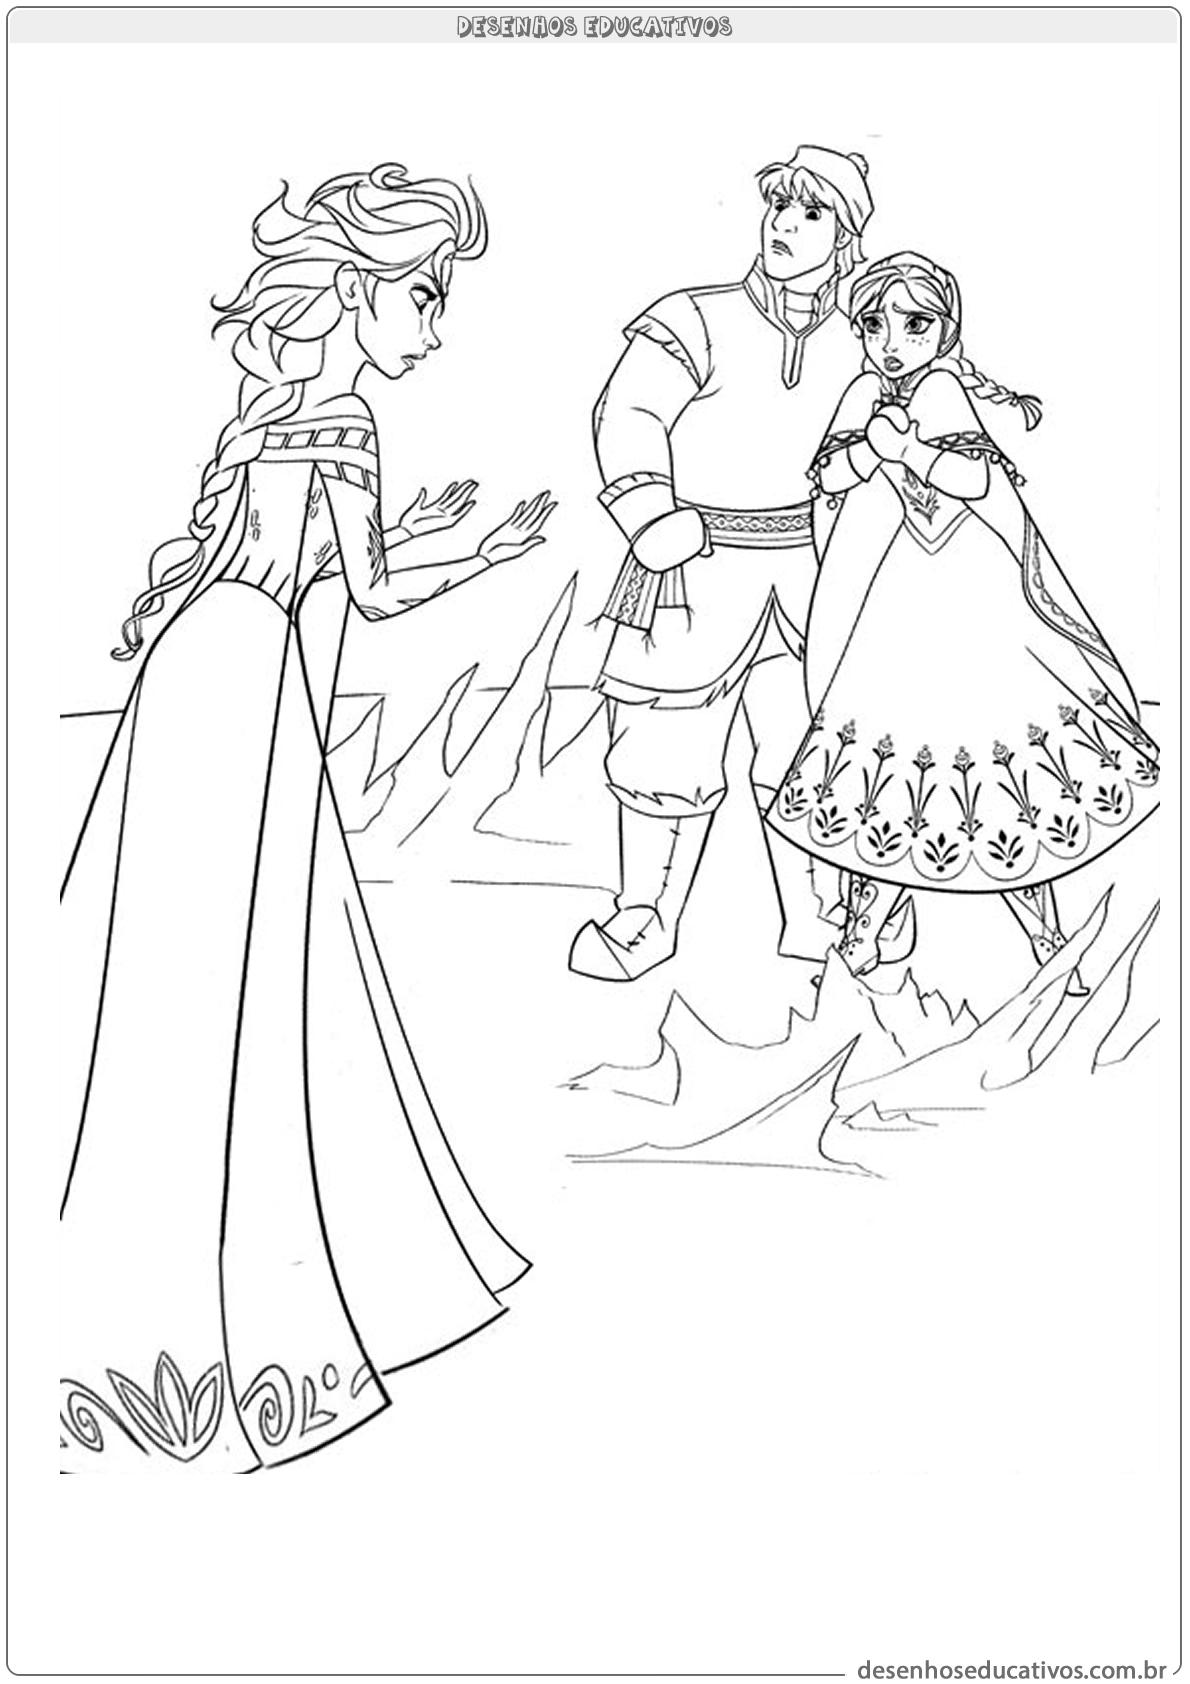 Desenhos educativos para colorir da Frozen